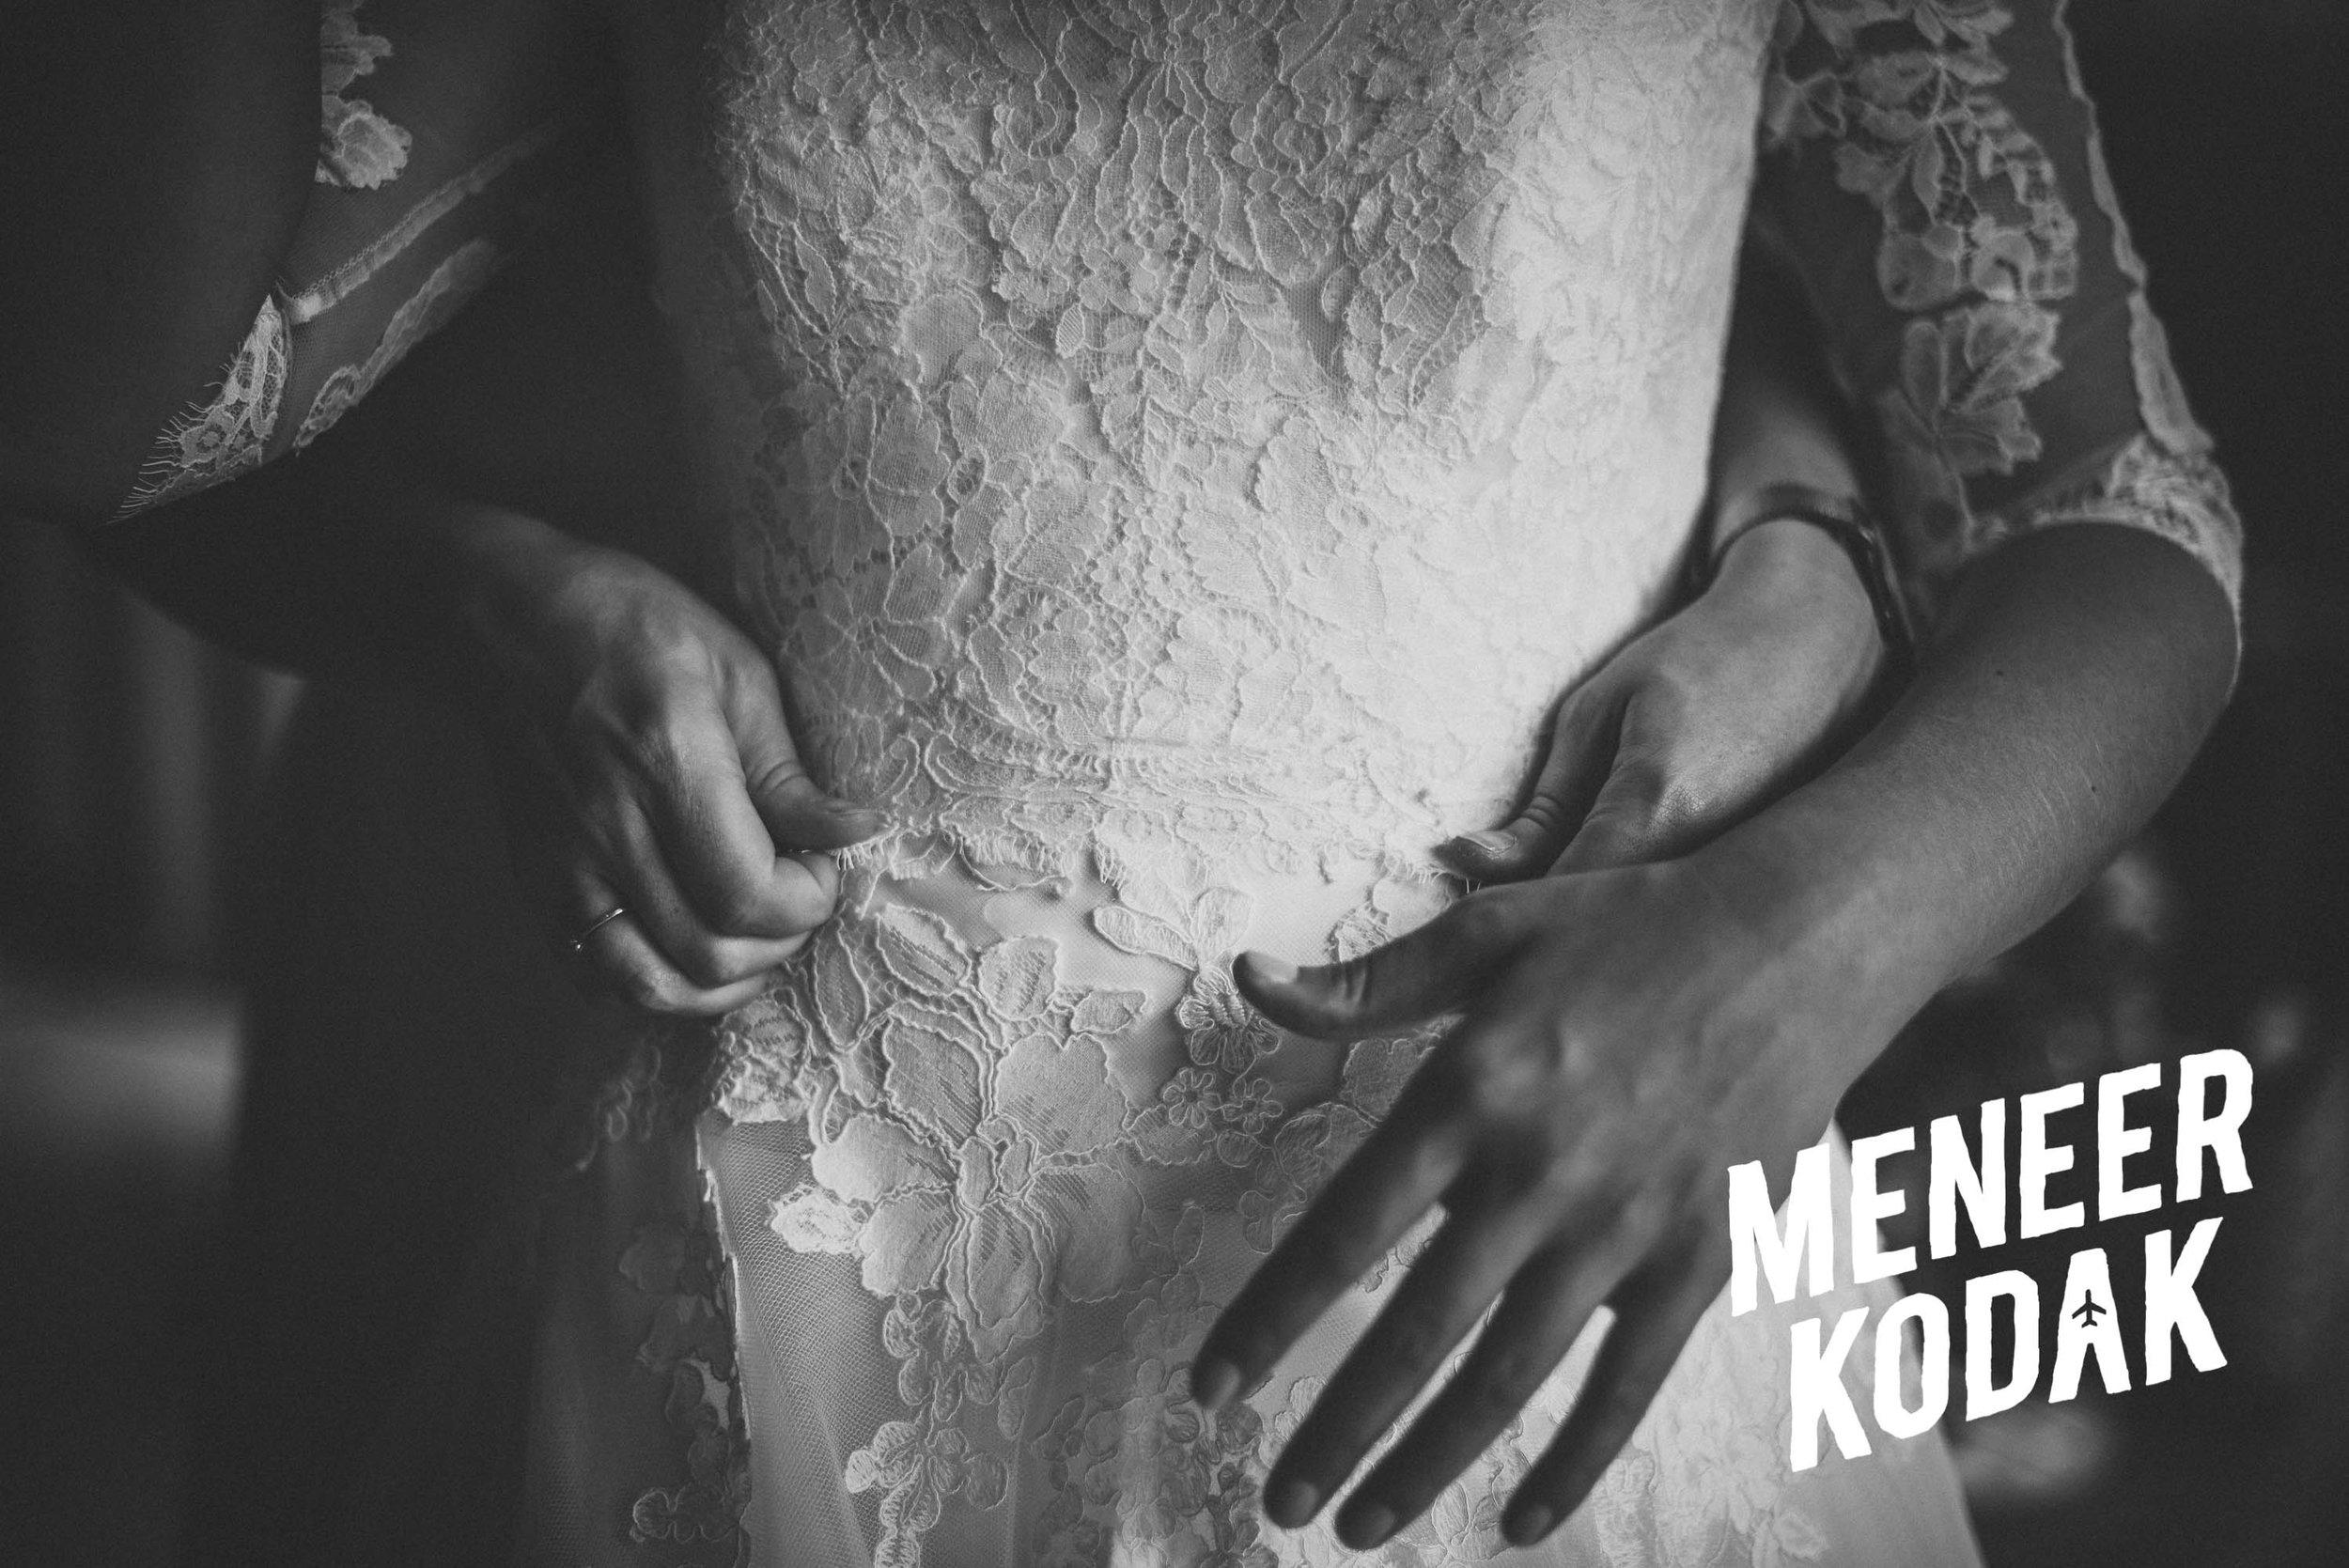 Meneer Kodak - Trouwfotograaf - Gent - D&T-007.jpg